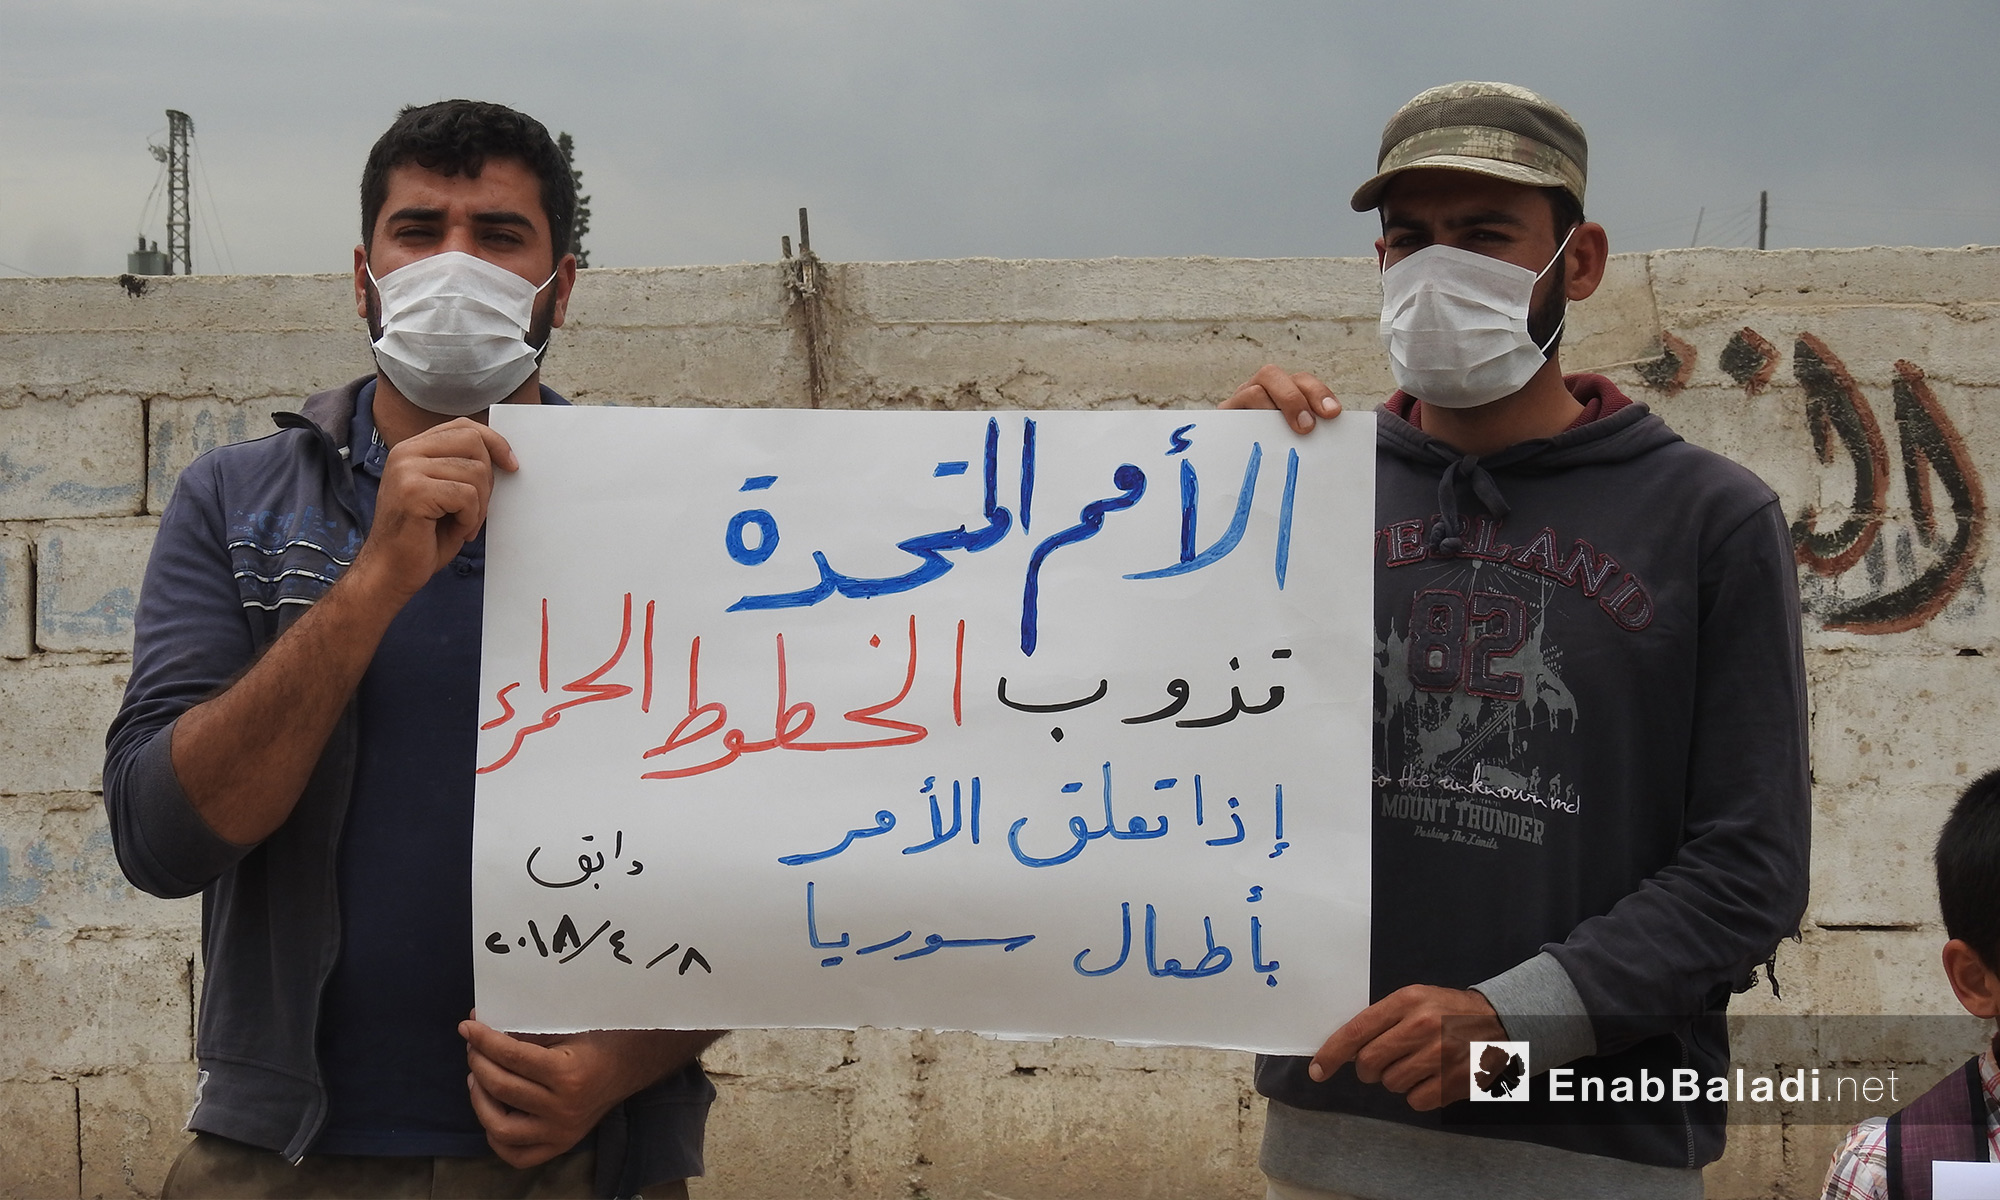 أهالي دابق شمالي حلب يخاطبون الأمم المتحدة في وقفة تضامنية مع مدينة دوما في الغوطة الشرقية - 8 من نيسان 2018 (عنب بلدي)